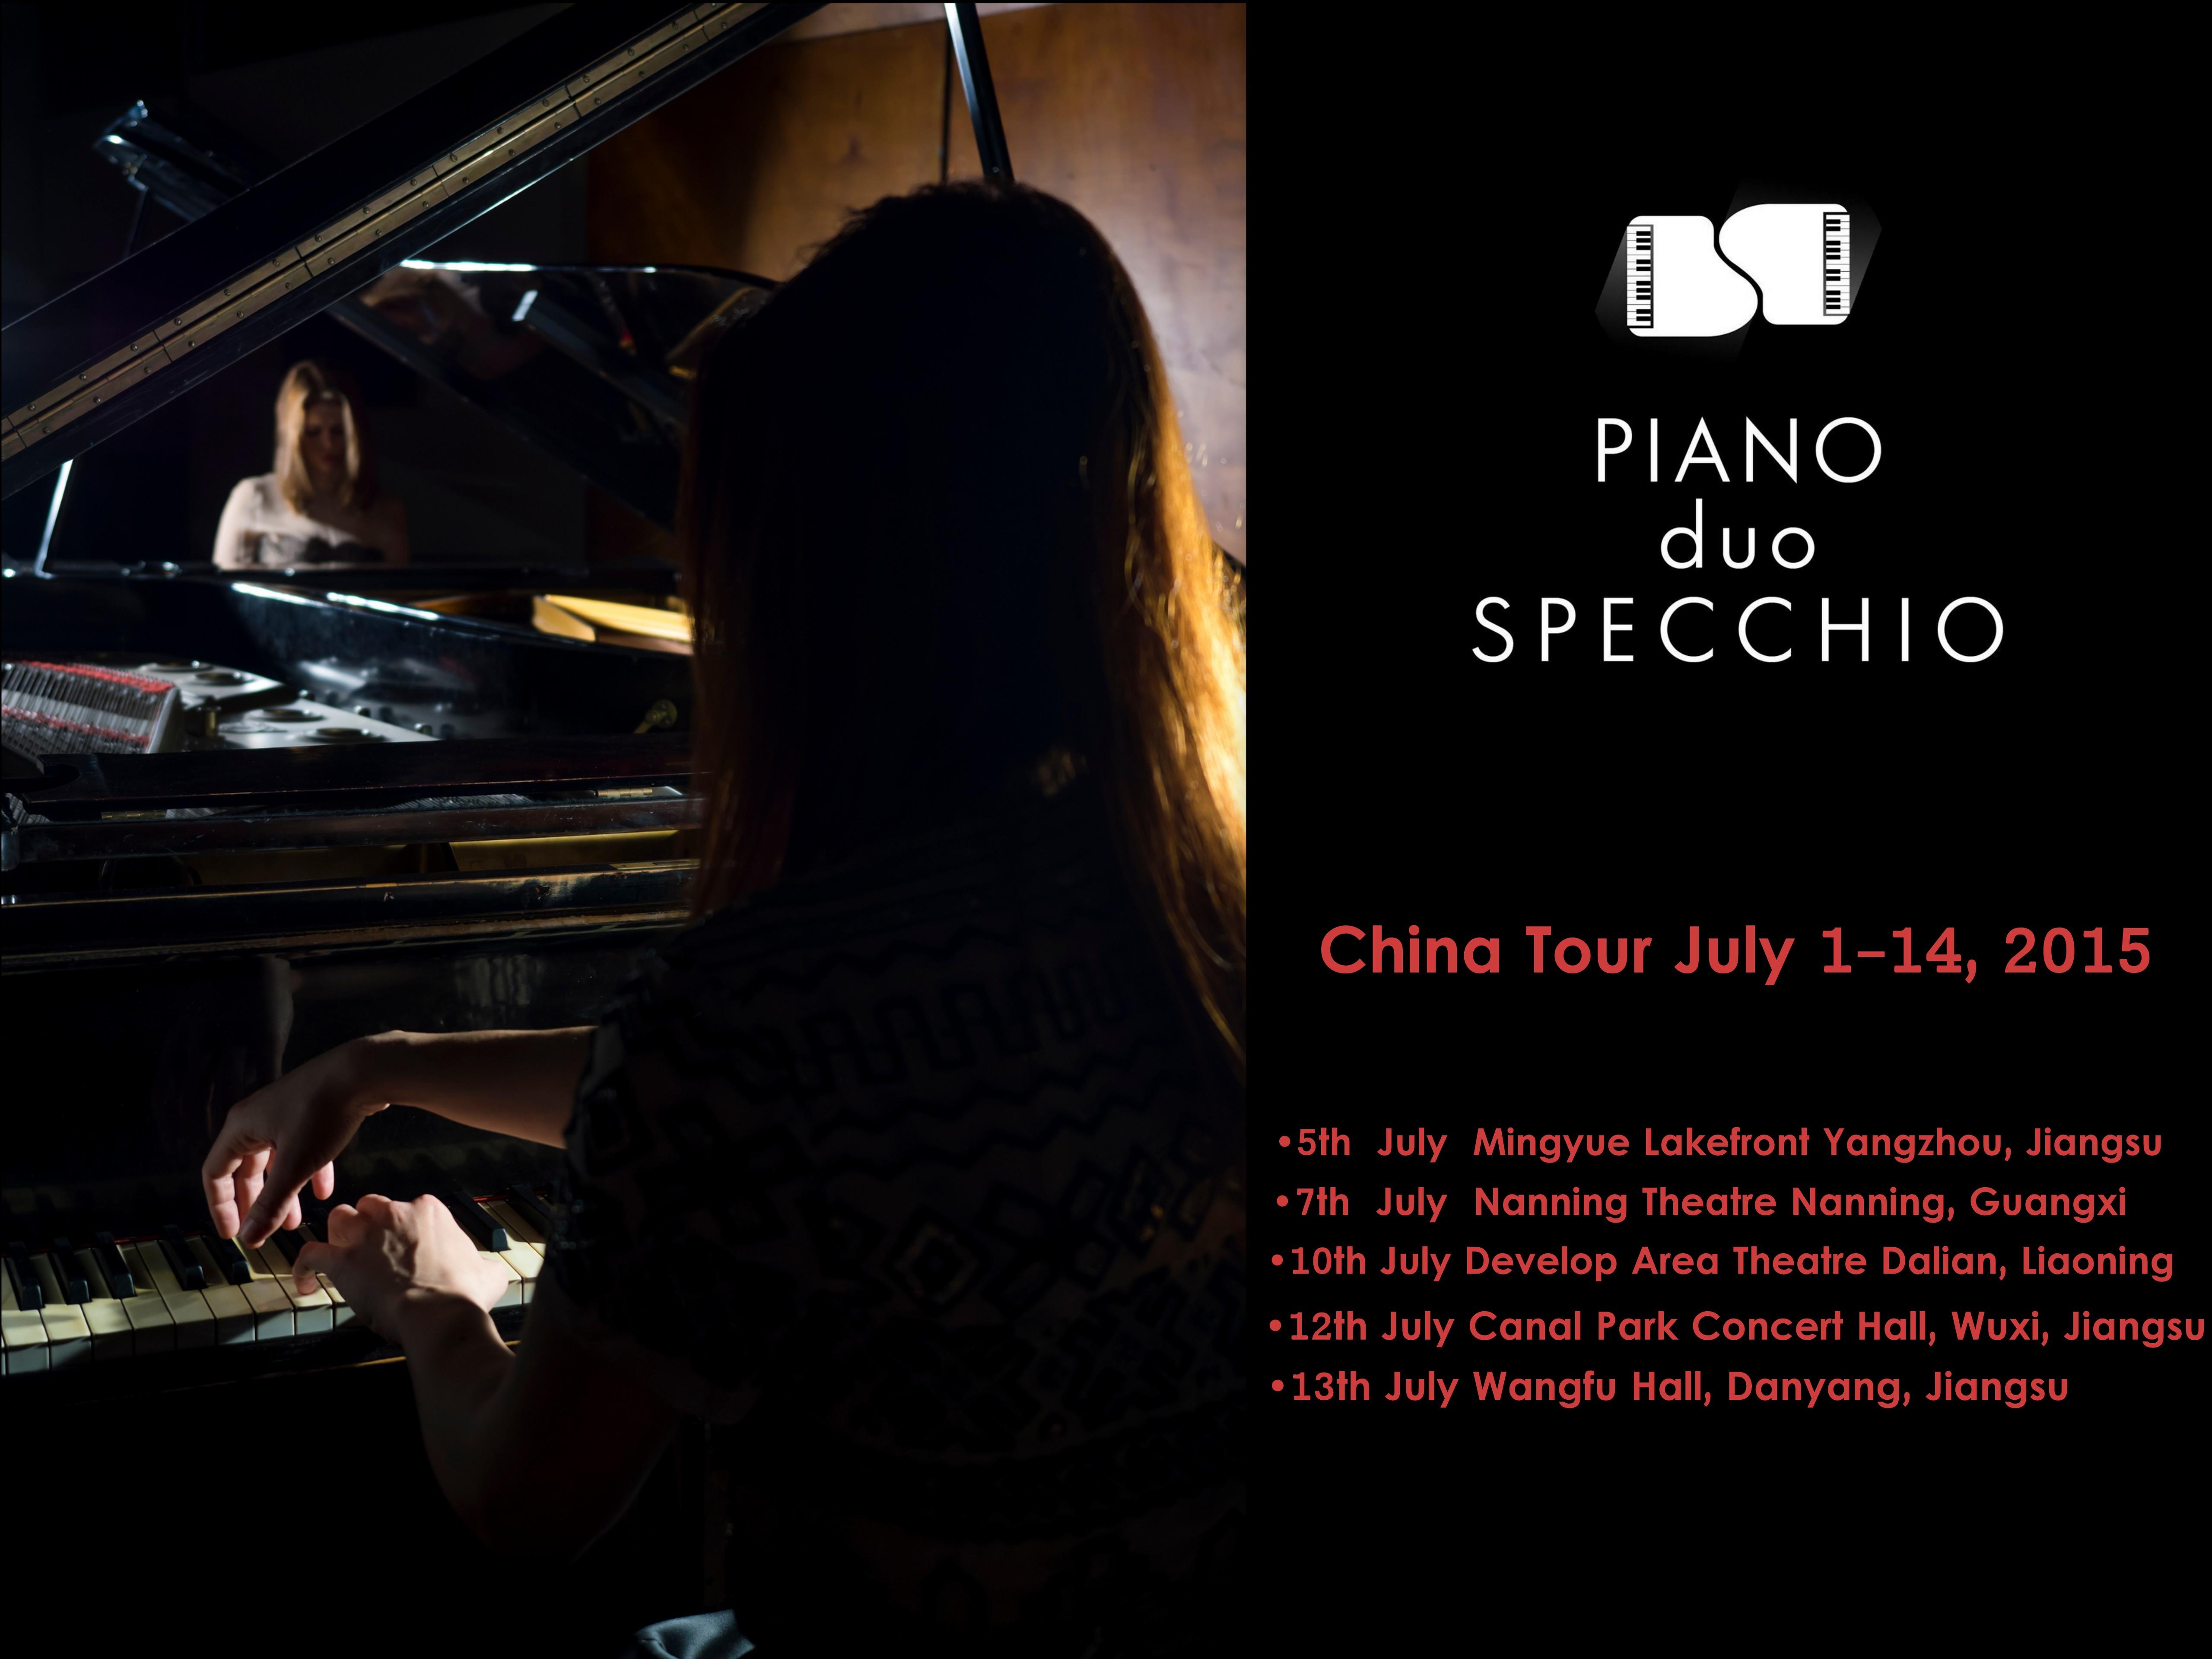 Concert Tour China 2015